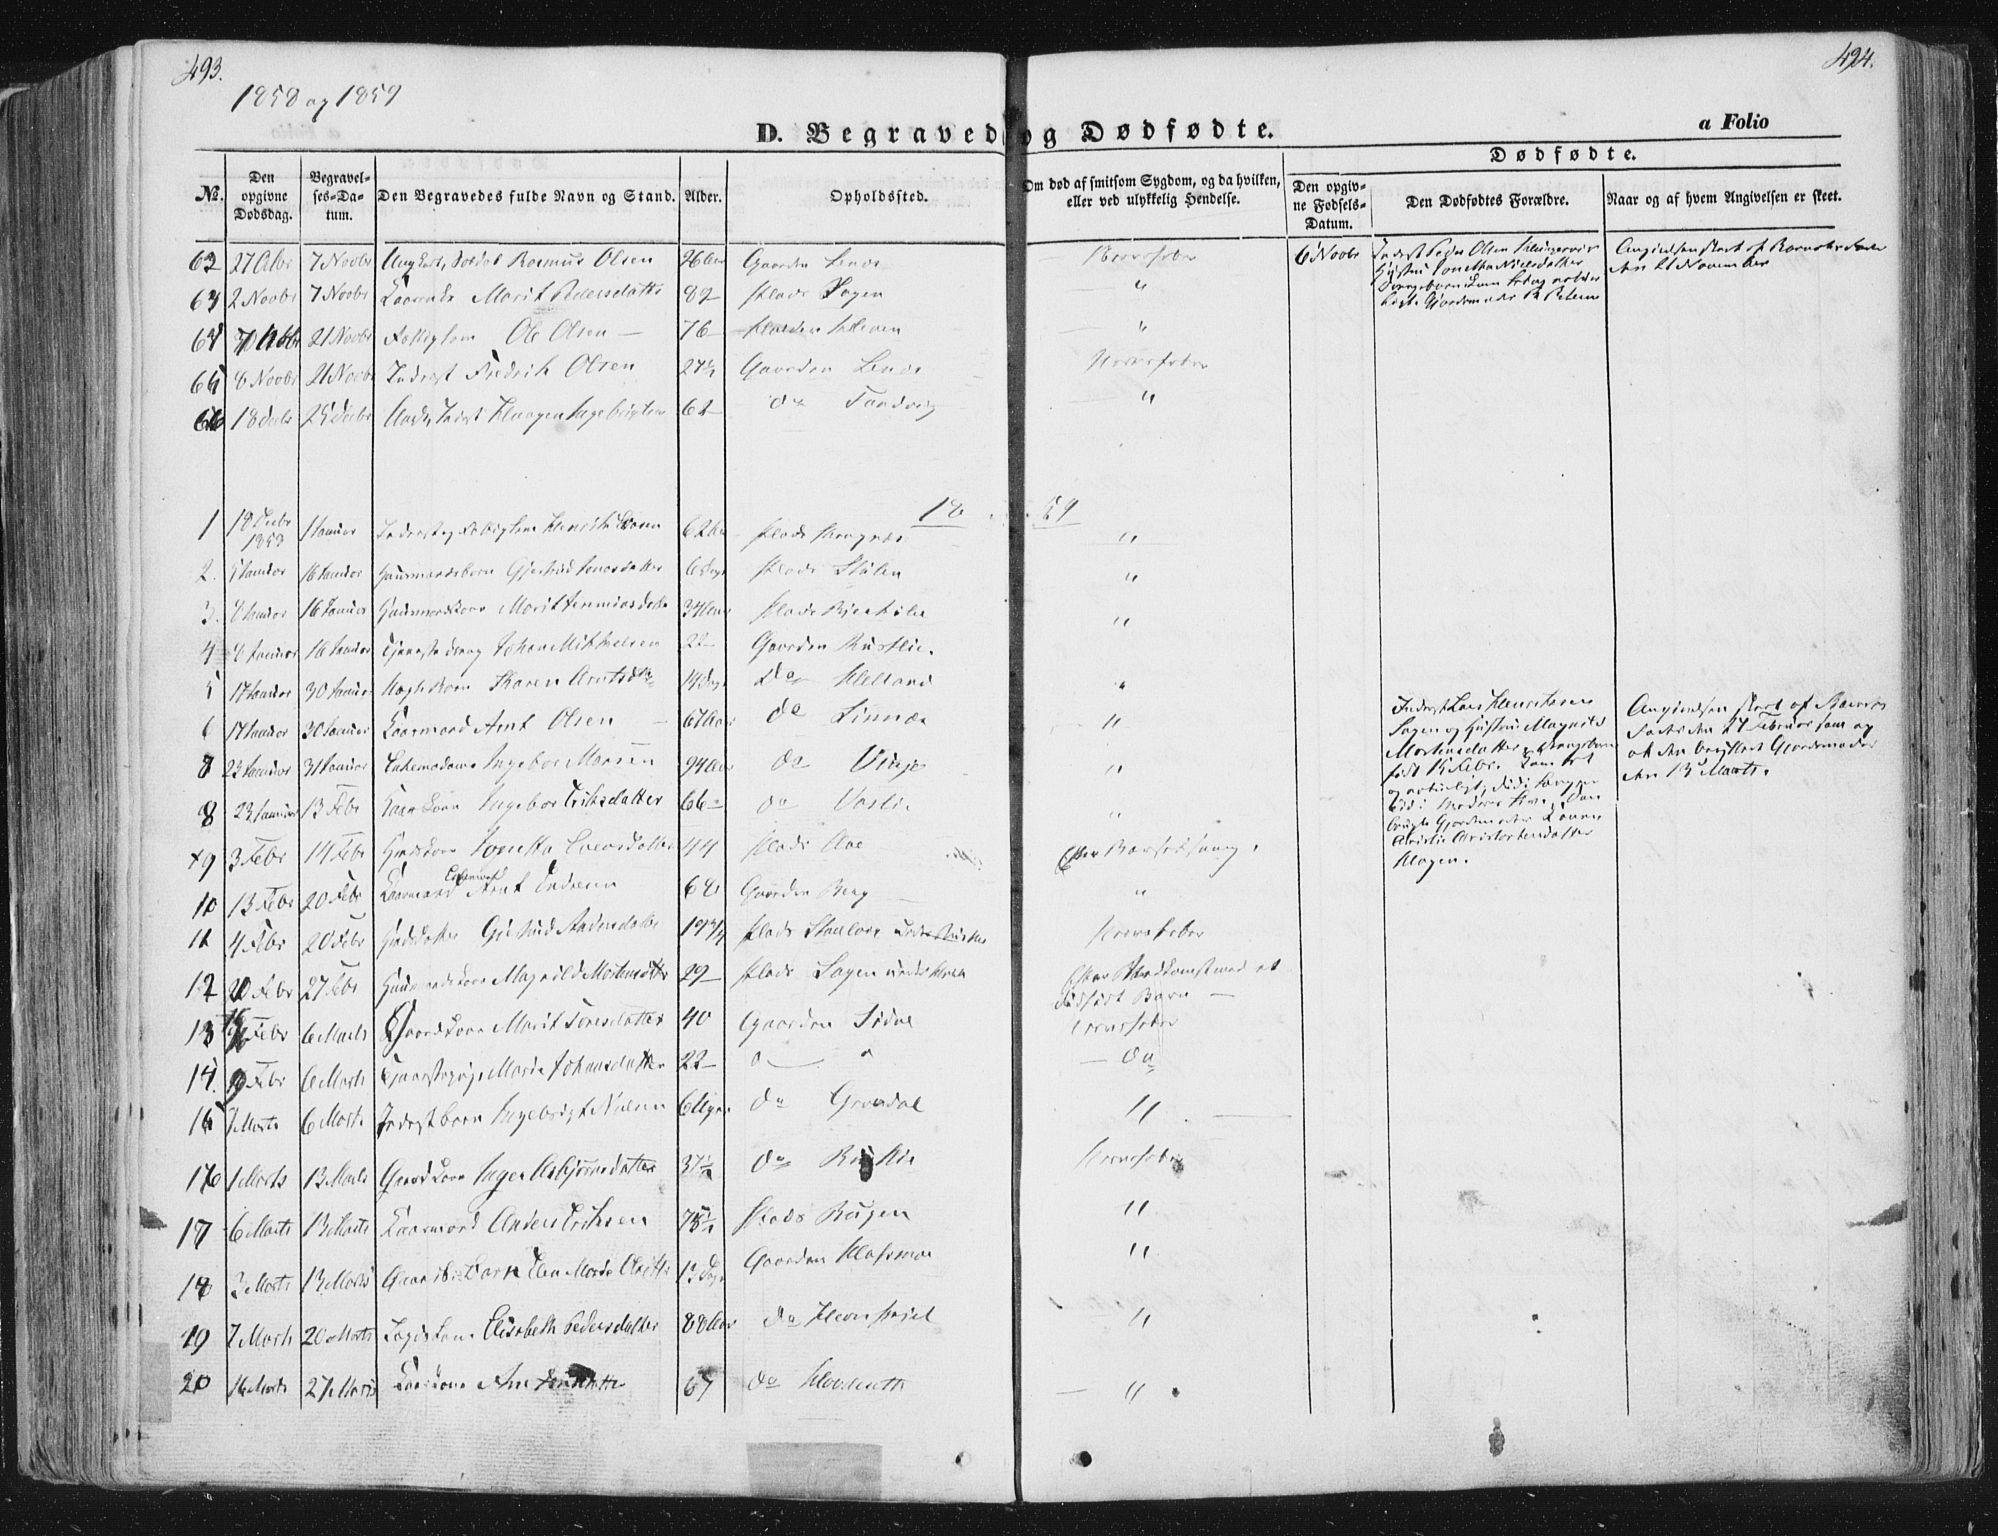 SAT, Ministerialprotokoller, klokkerbøker og fødselsregistre - Sør-Trøndelag, 630/L0494: Ministerialbok nr. 630A07, 1852-1868, s. 493-494